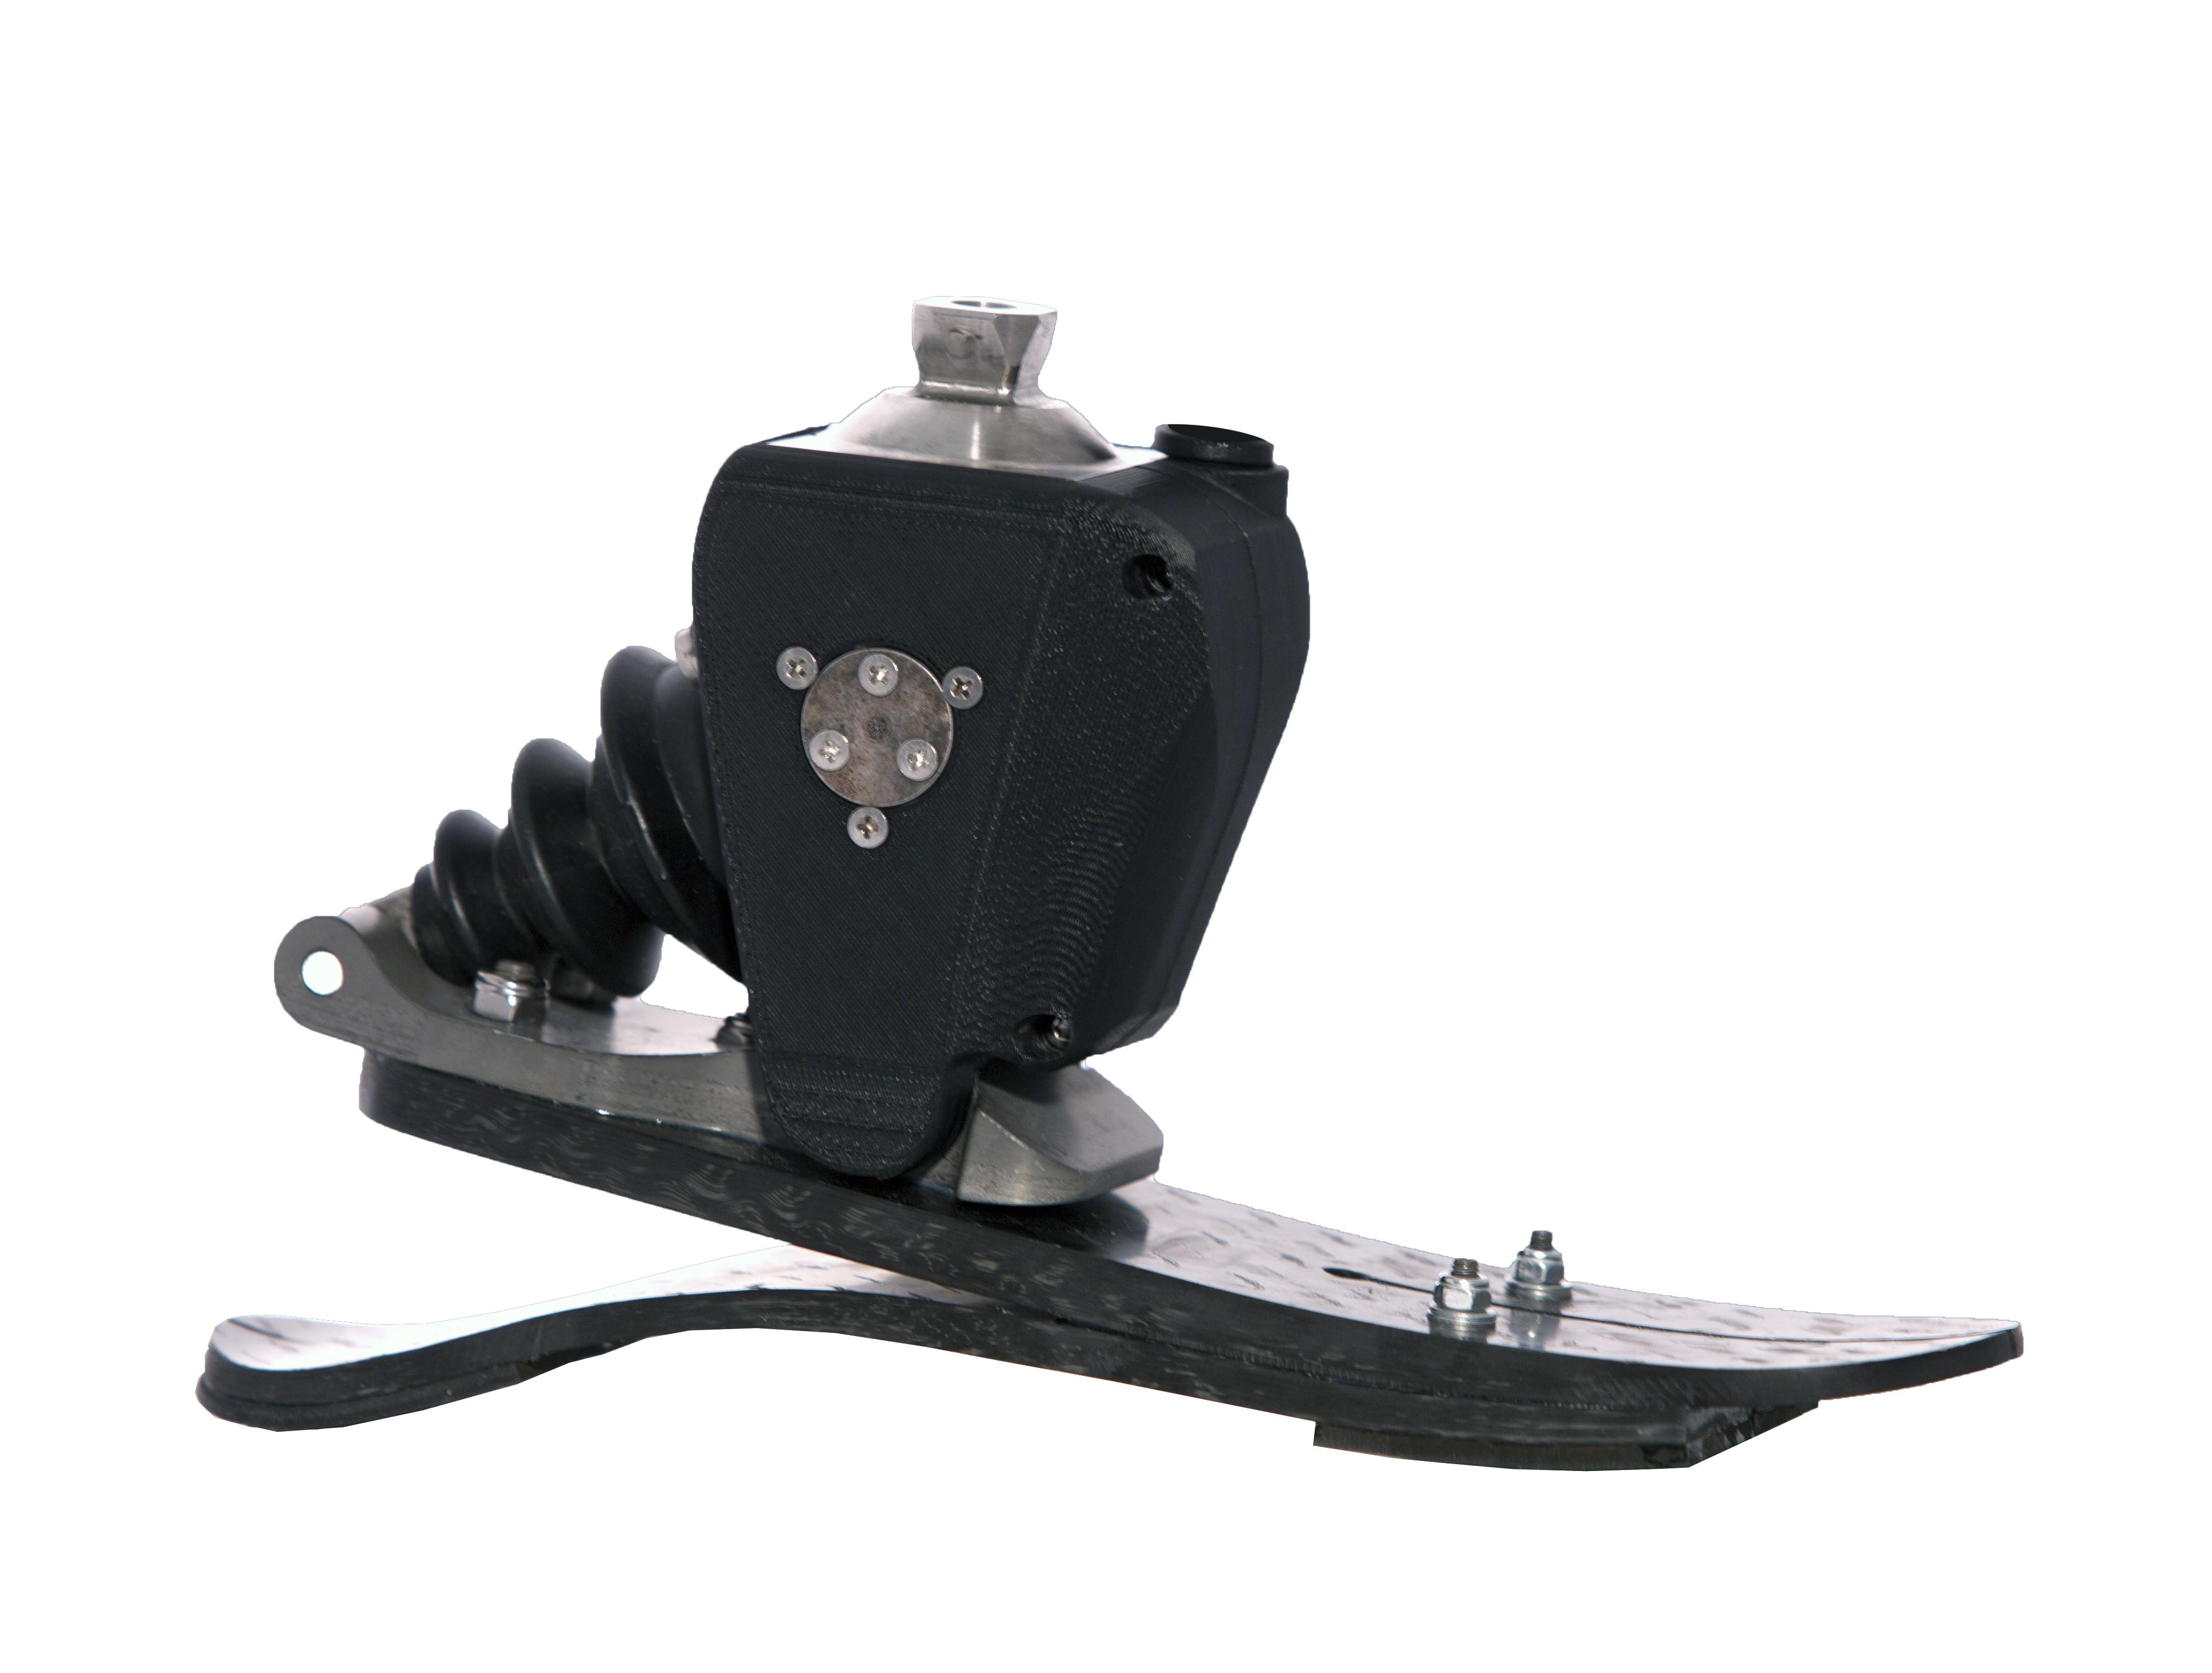 КИМ-10 - Бионический роботизированный модуль стопы